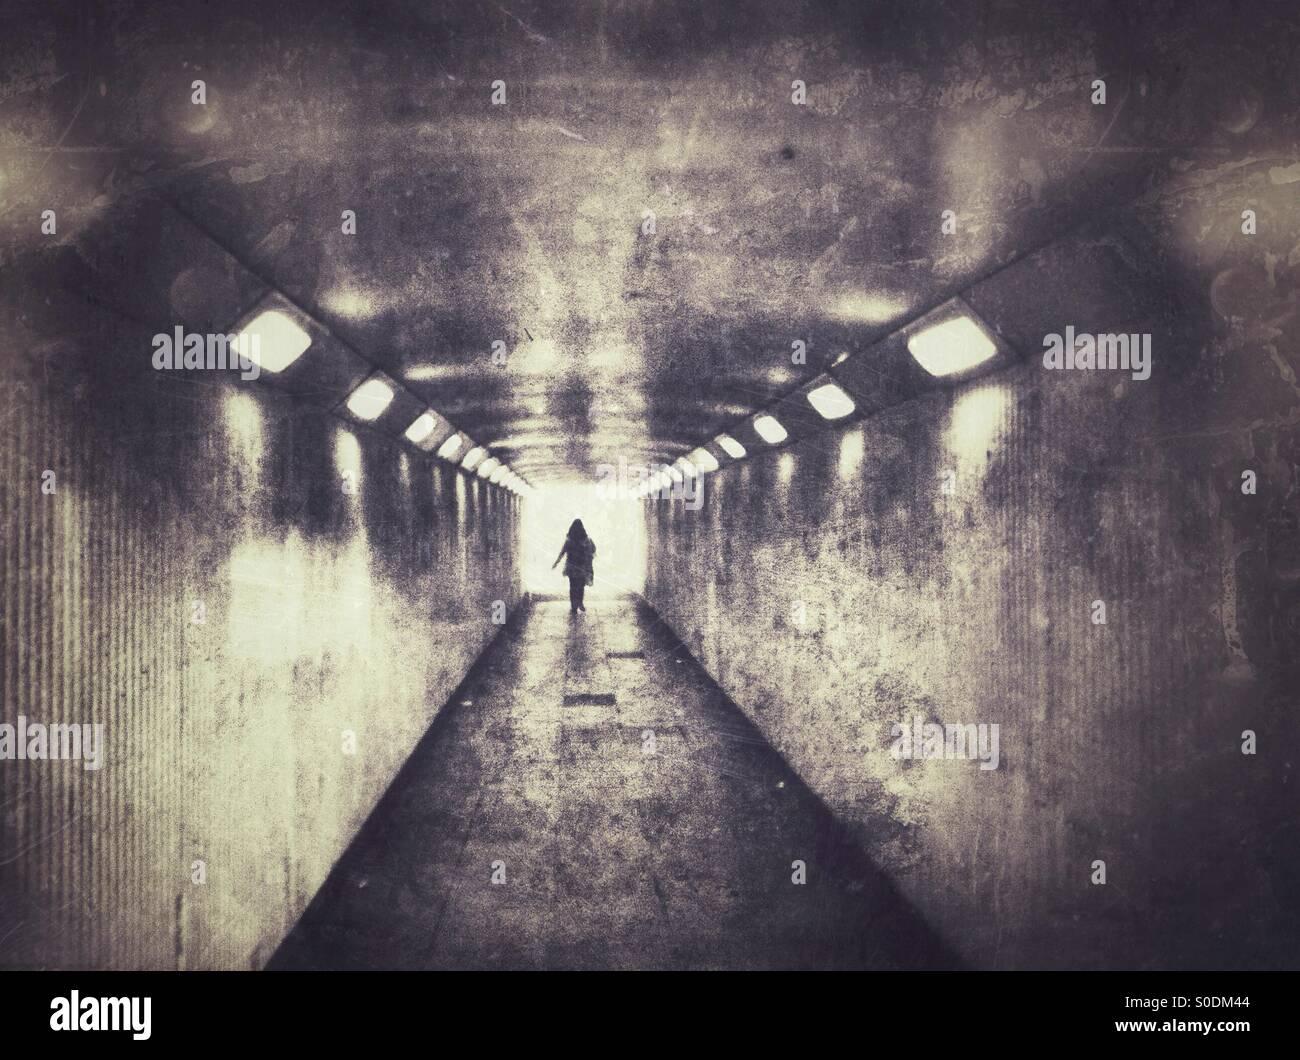 Einsame Frauen gehen in dunklen Unterführung. Stockbild